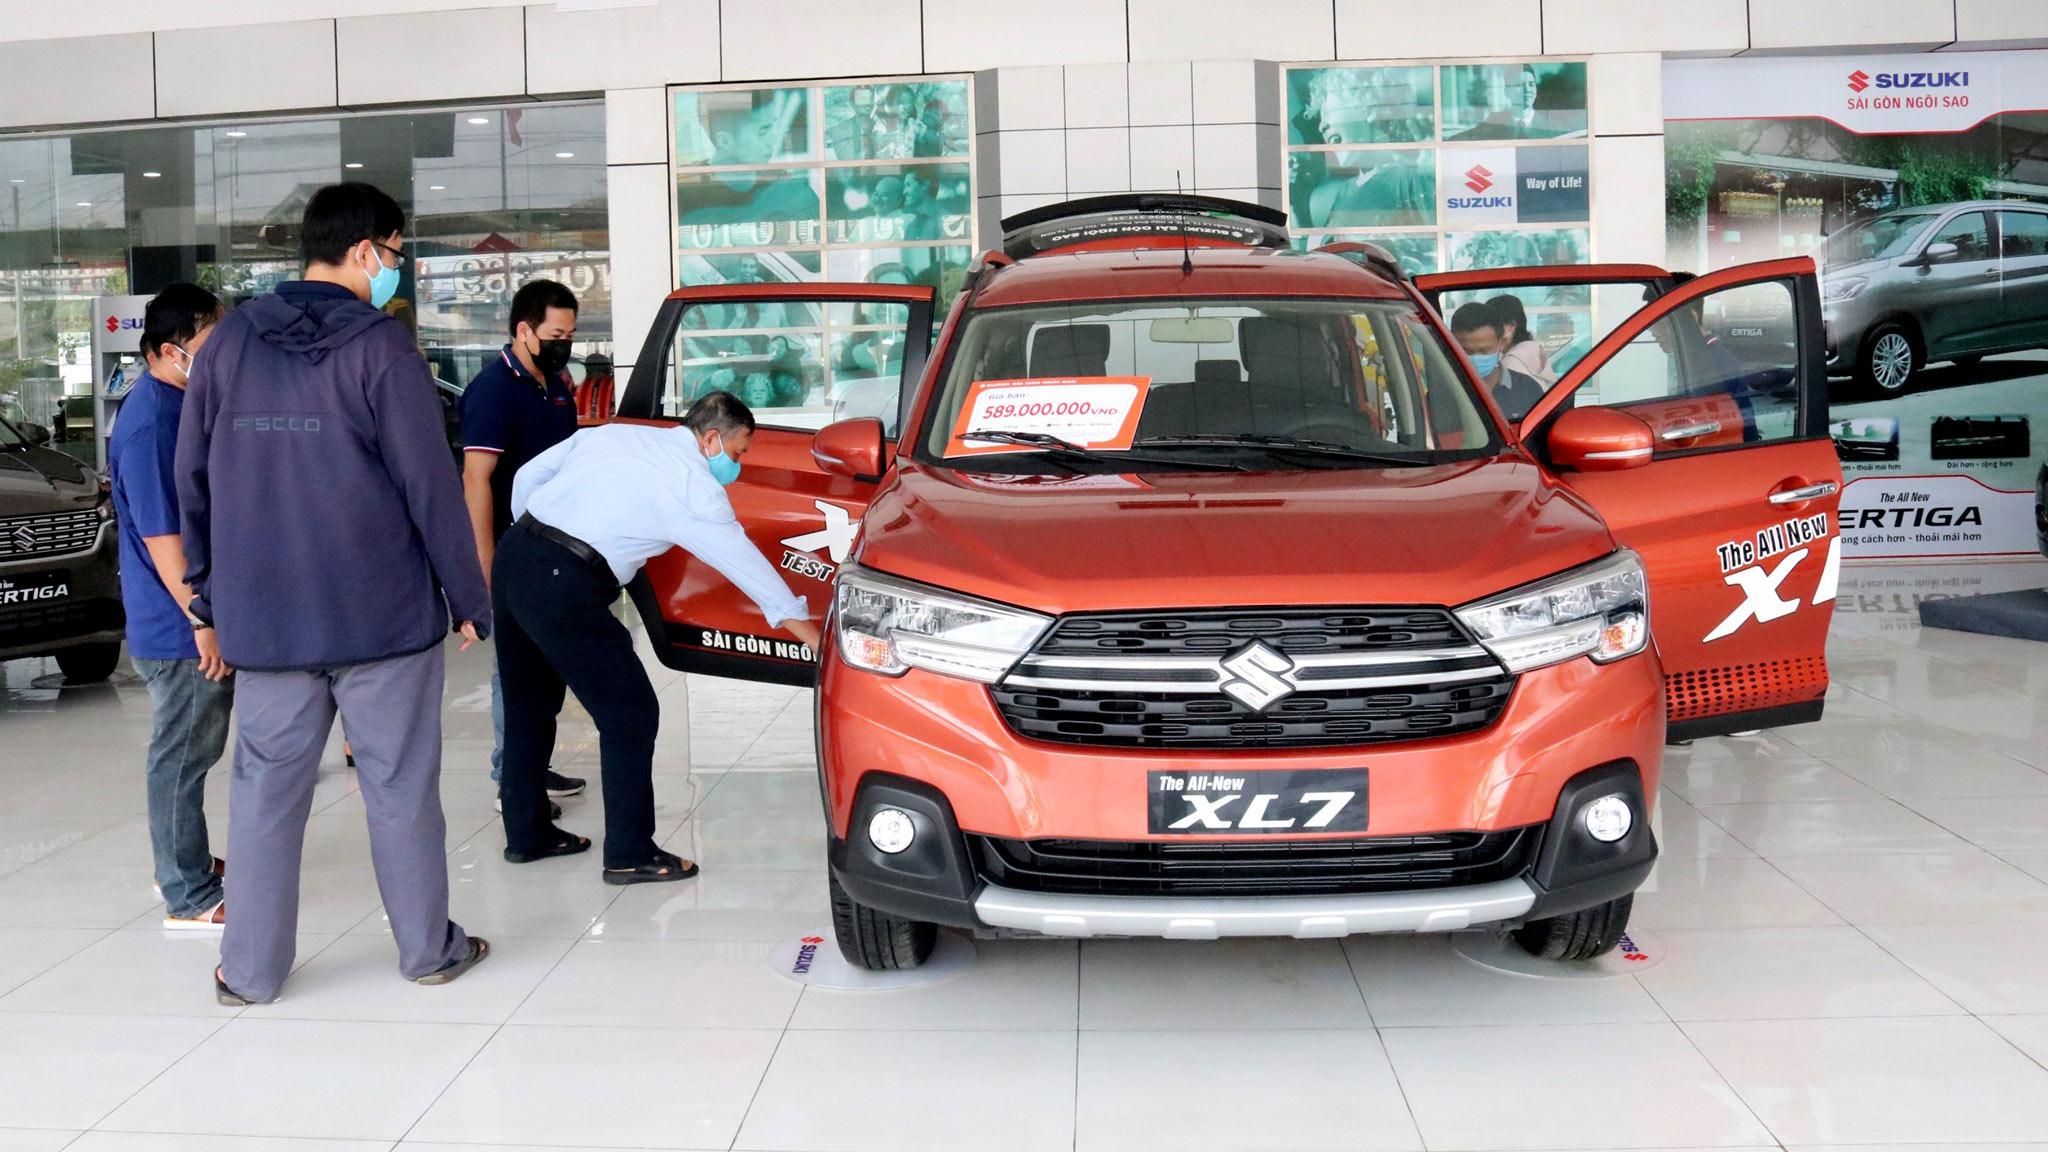 Chi tiết Suzuki XL7 2020: Xe 7 chỗ giá rẻ, đối thủ của Xpander Cross